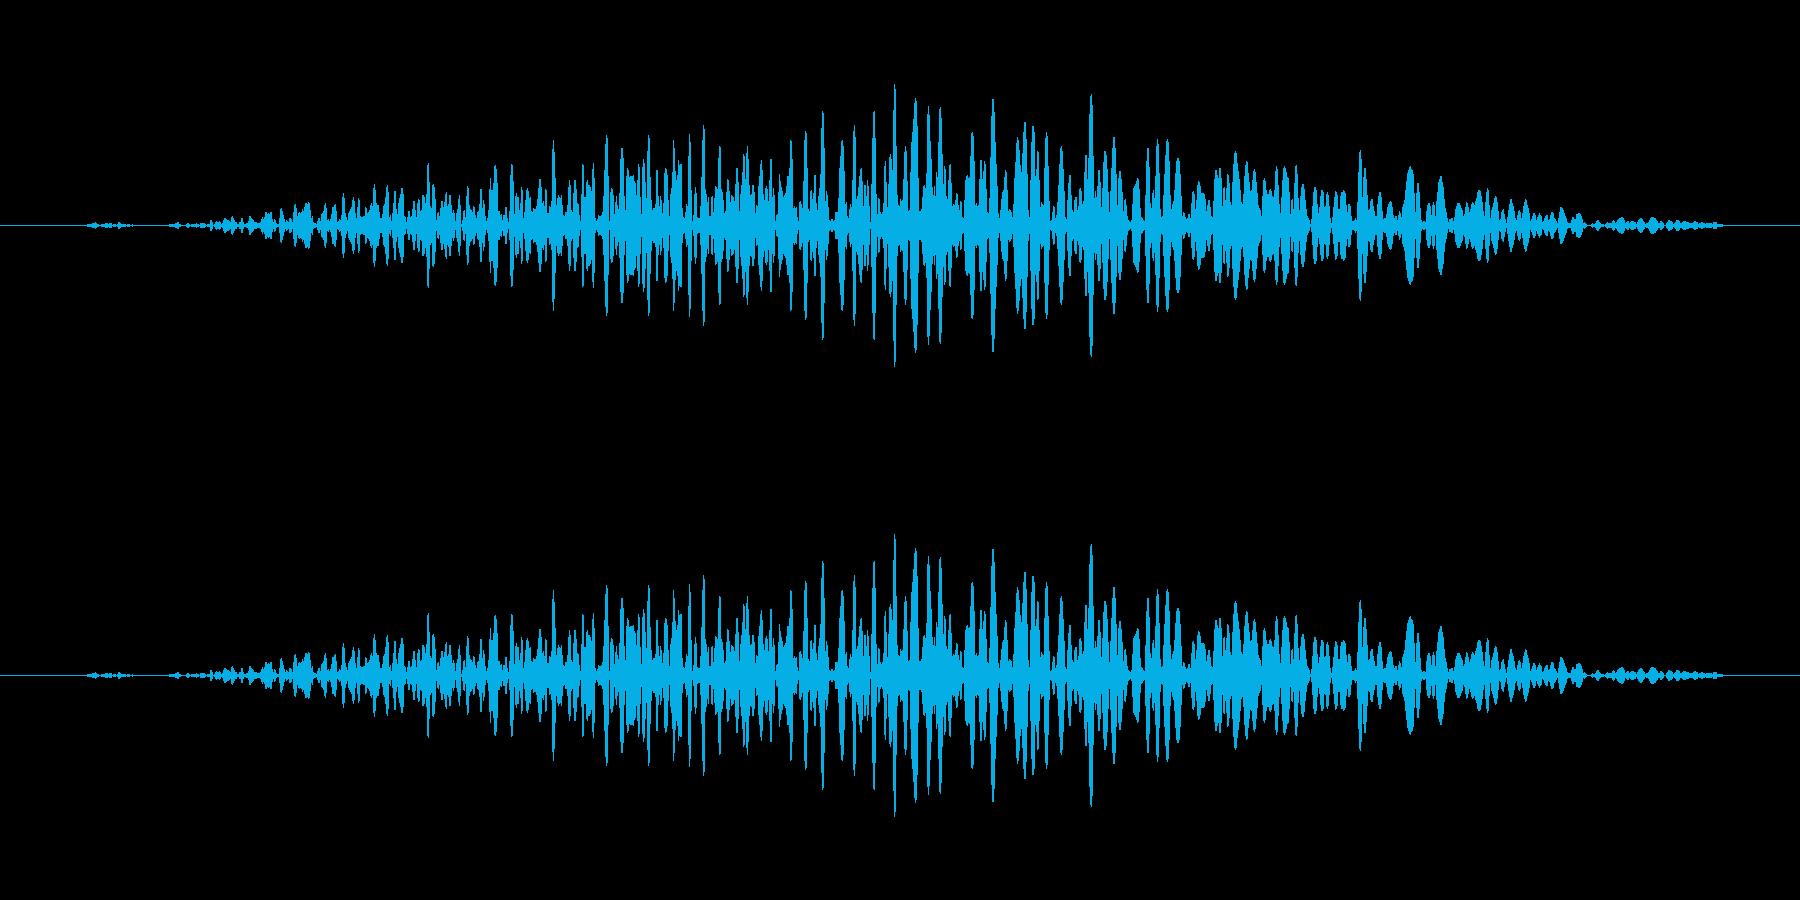 キャンセル/不可/閉じるの演出に最適!3の再生済みの波形